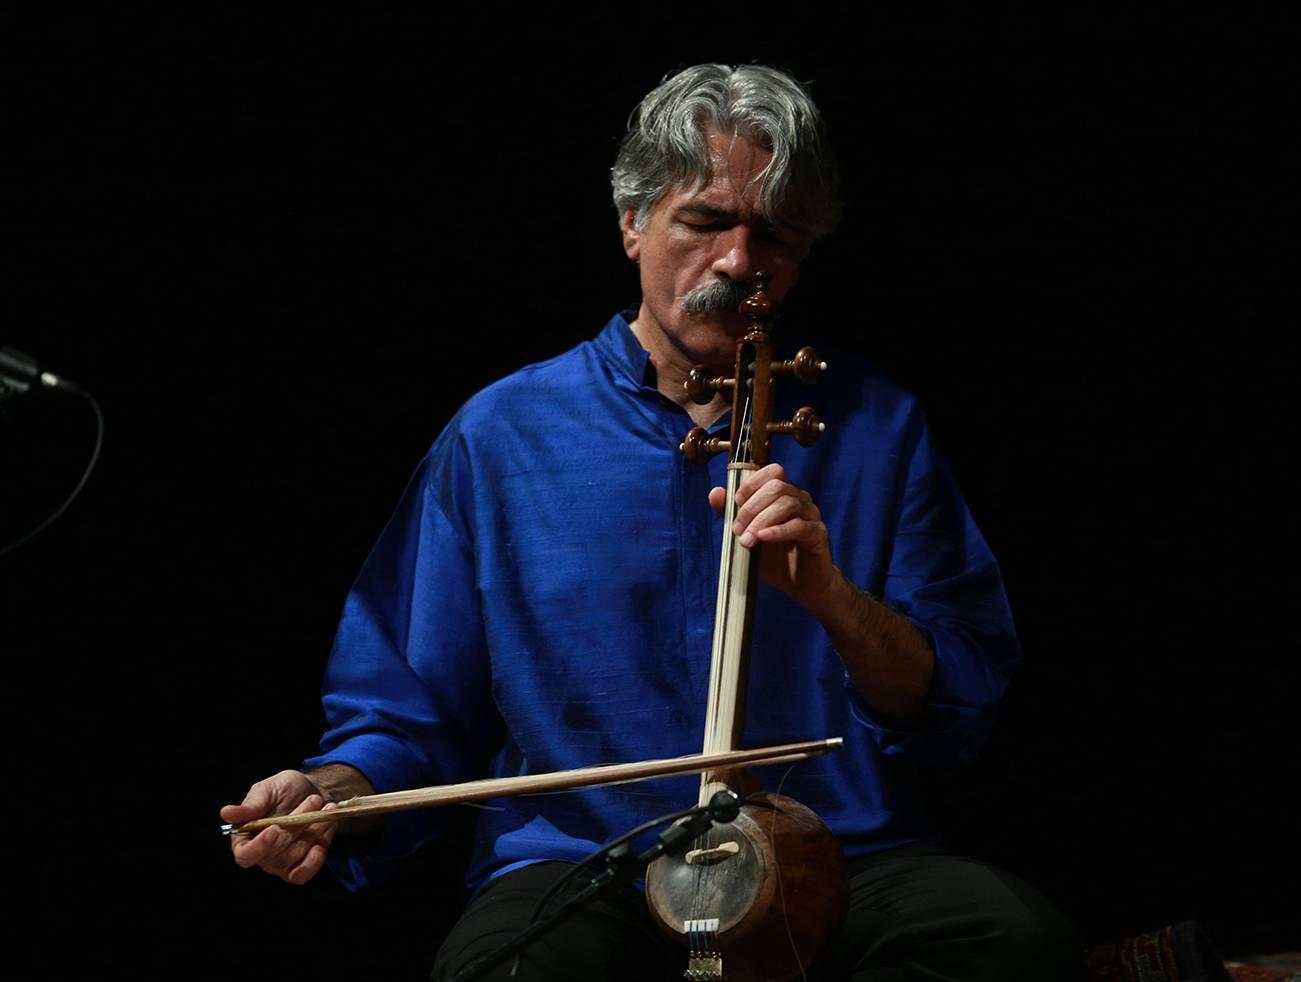 گزارش تصویری «موسیقی ایرانیان» از کنسرت «پردگیان باغ سکوت»